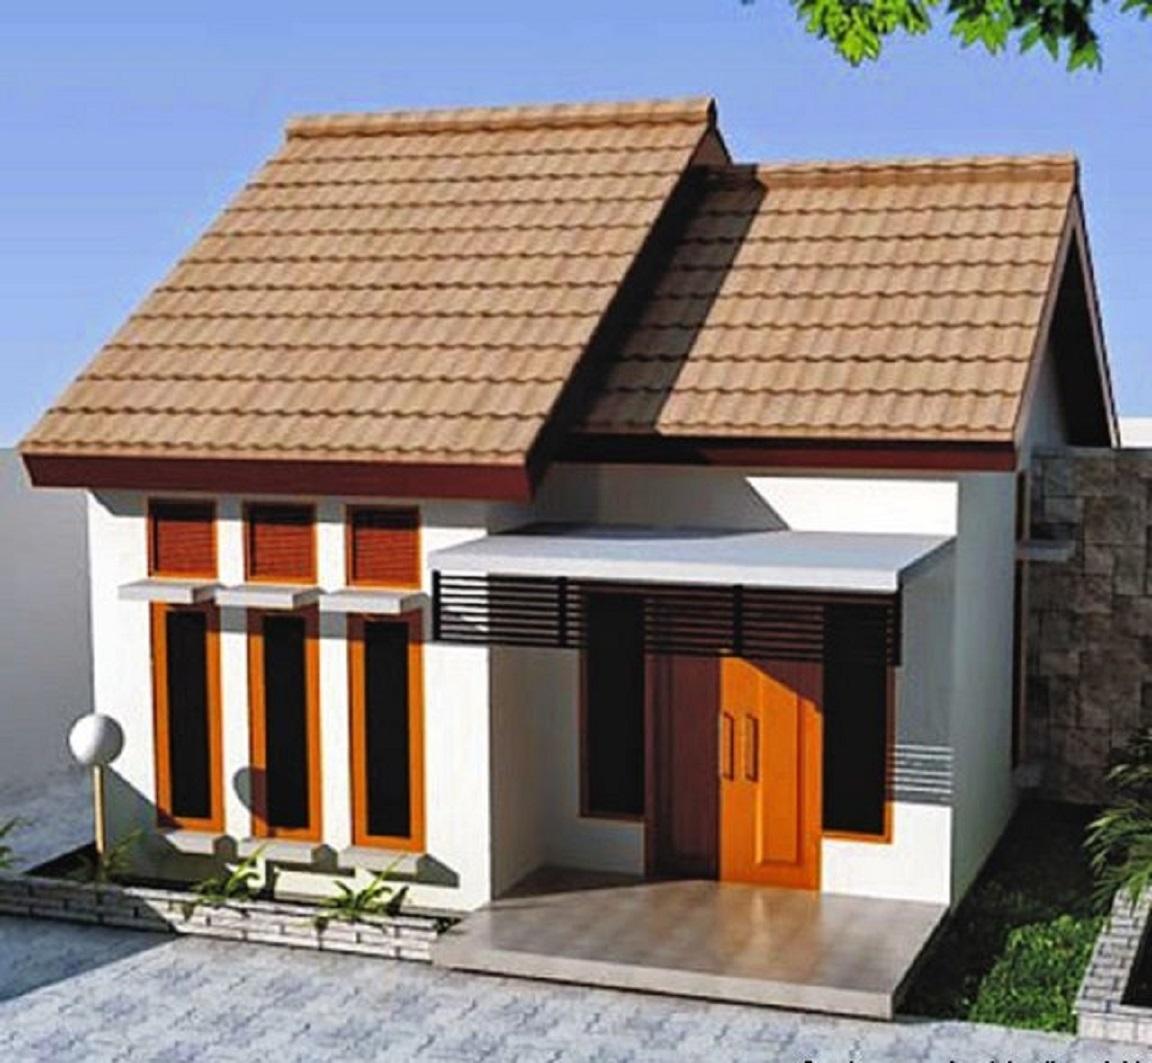 Rumah Type 21 Berapa Ukuran Harga Rumah Dan Biaya Membangun Rumah123 Com